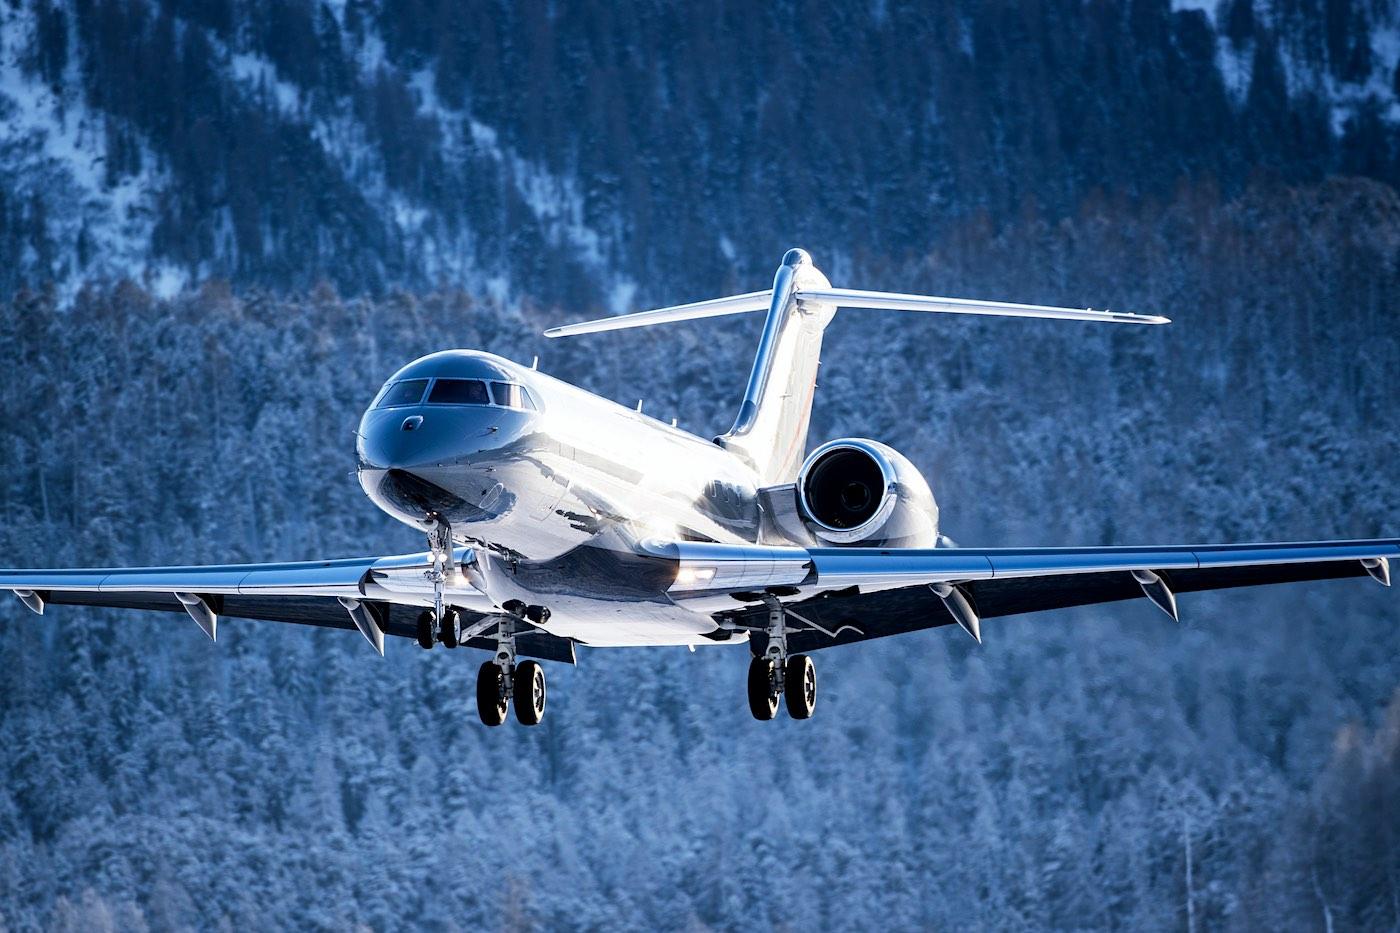 Jet privado aterrizando en un aeropuerto alpino.